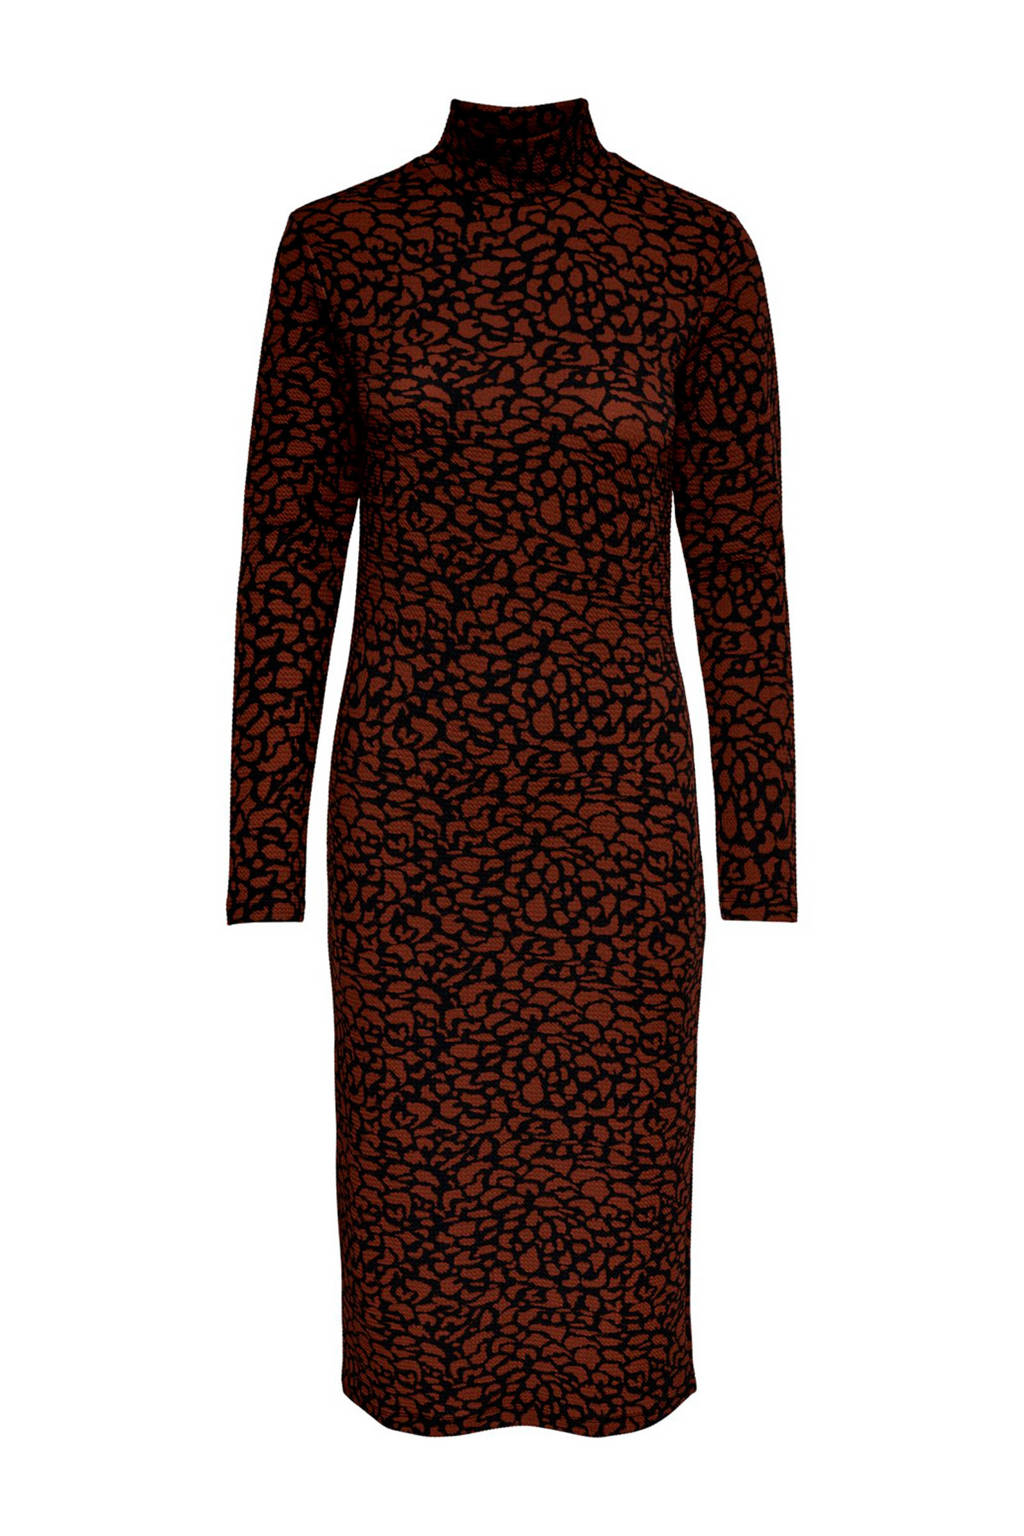 JACQUELINE DE YONG jersey jurk met all over print zwart/bruin, Zwart/bruin